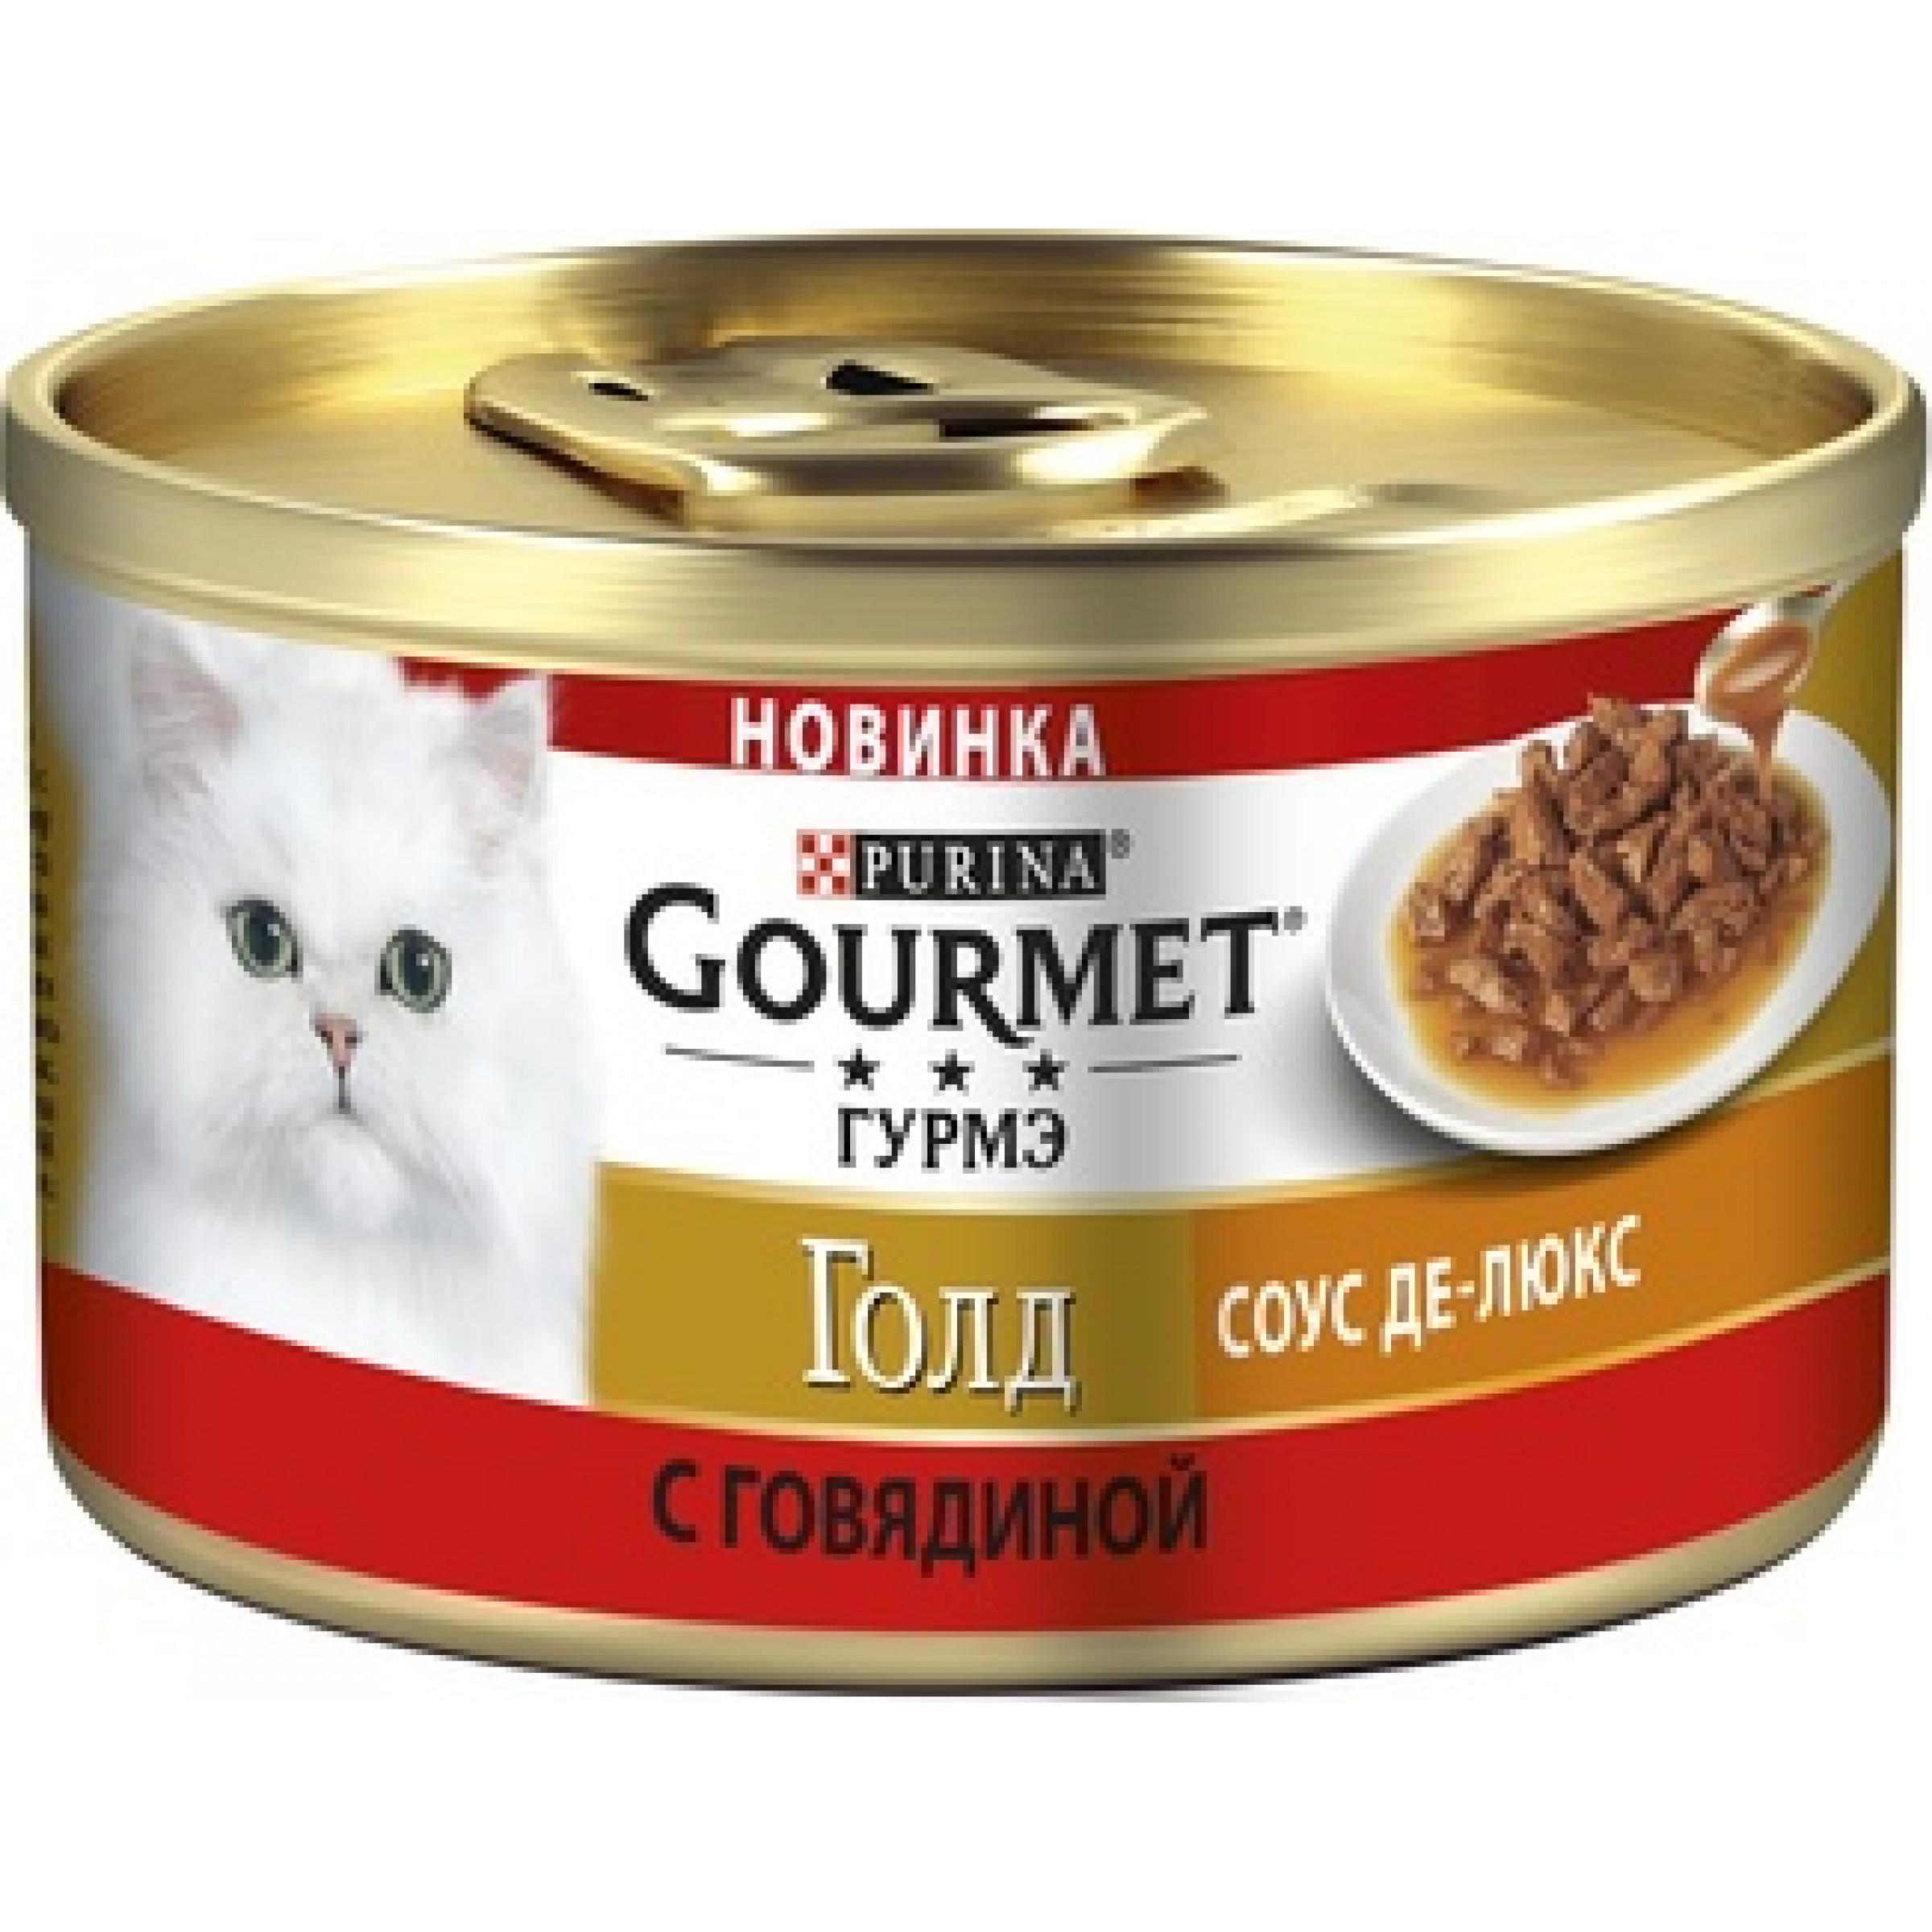 Корм для кошек Gourmet Gold соус делюкс говядиной, 12шт по 85г